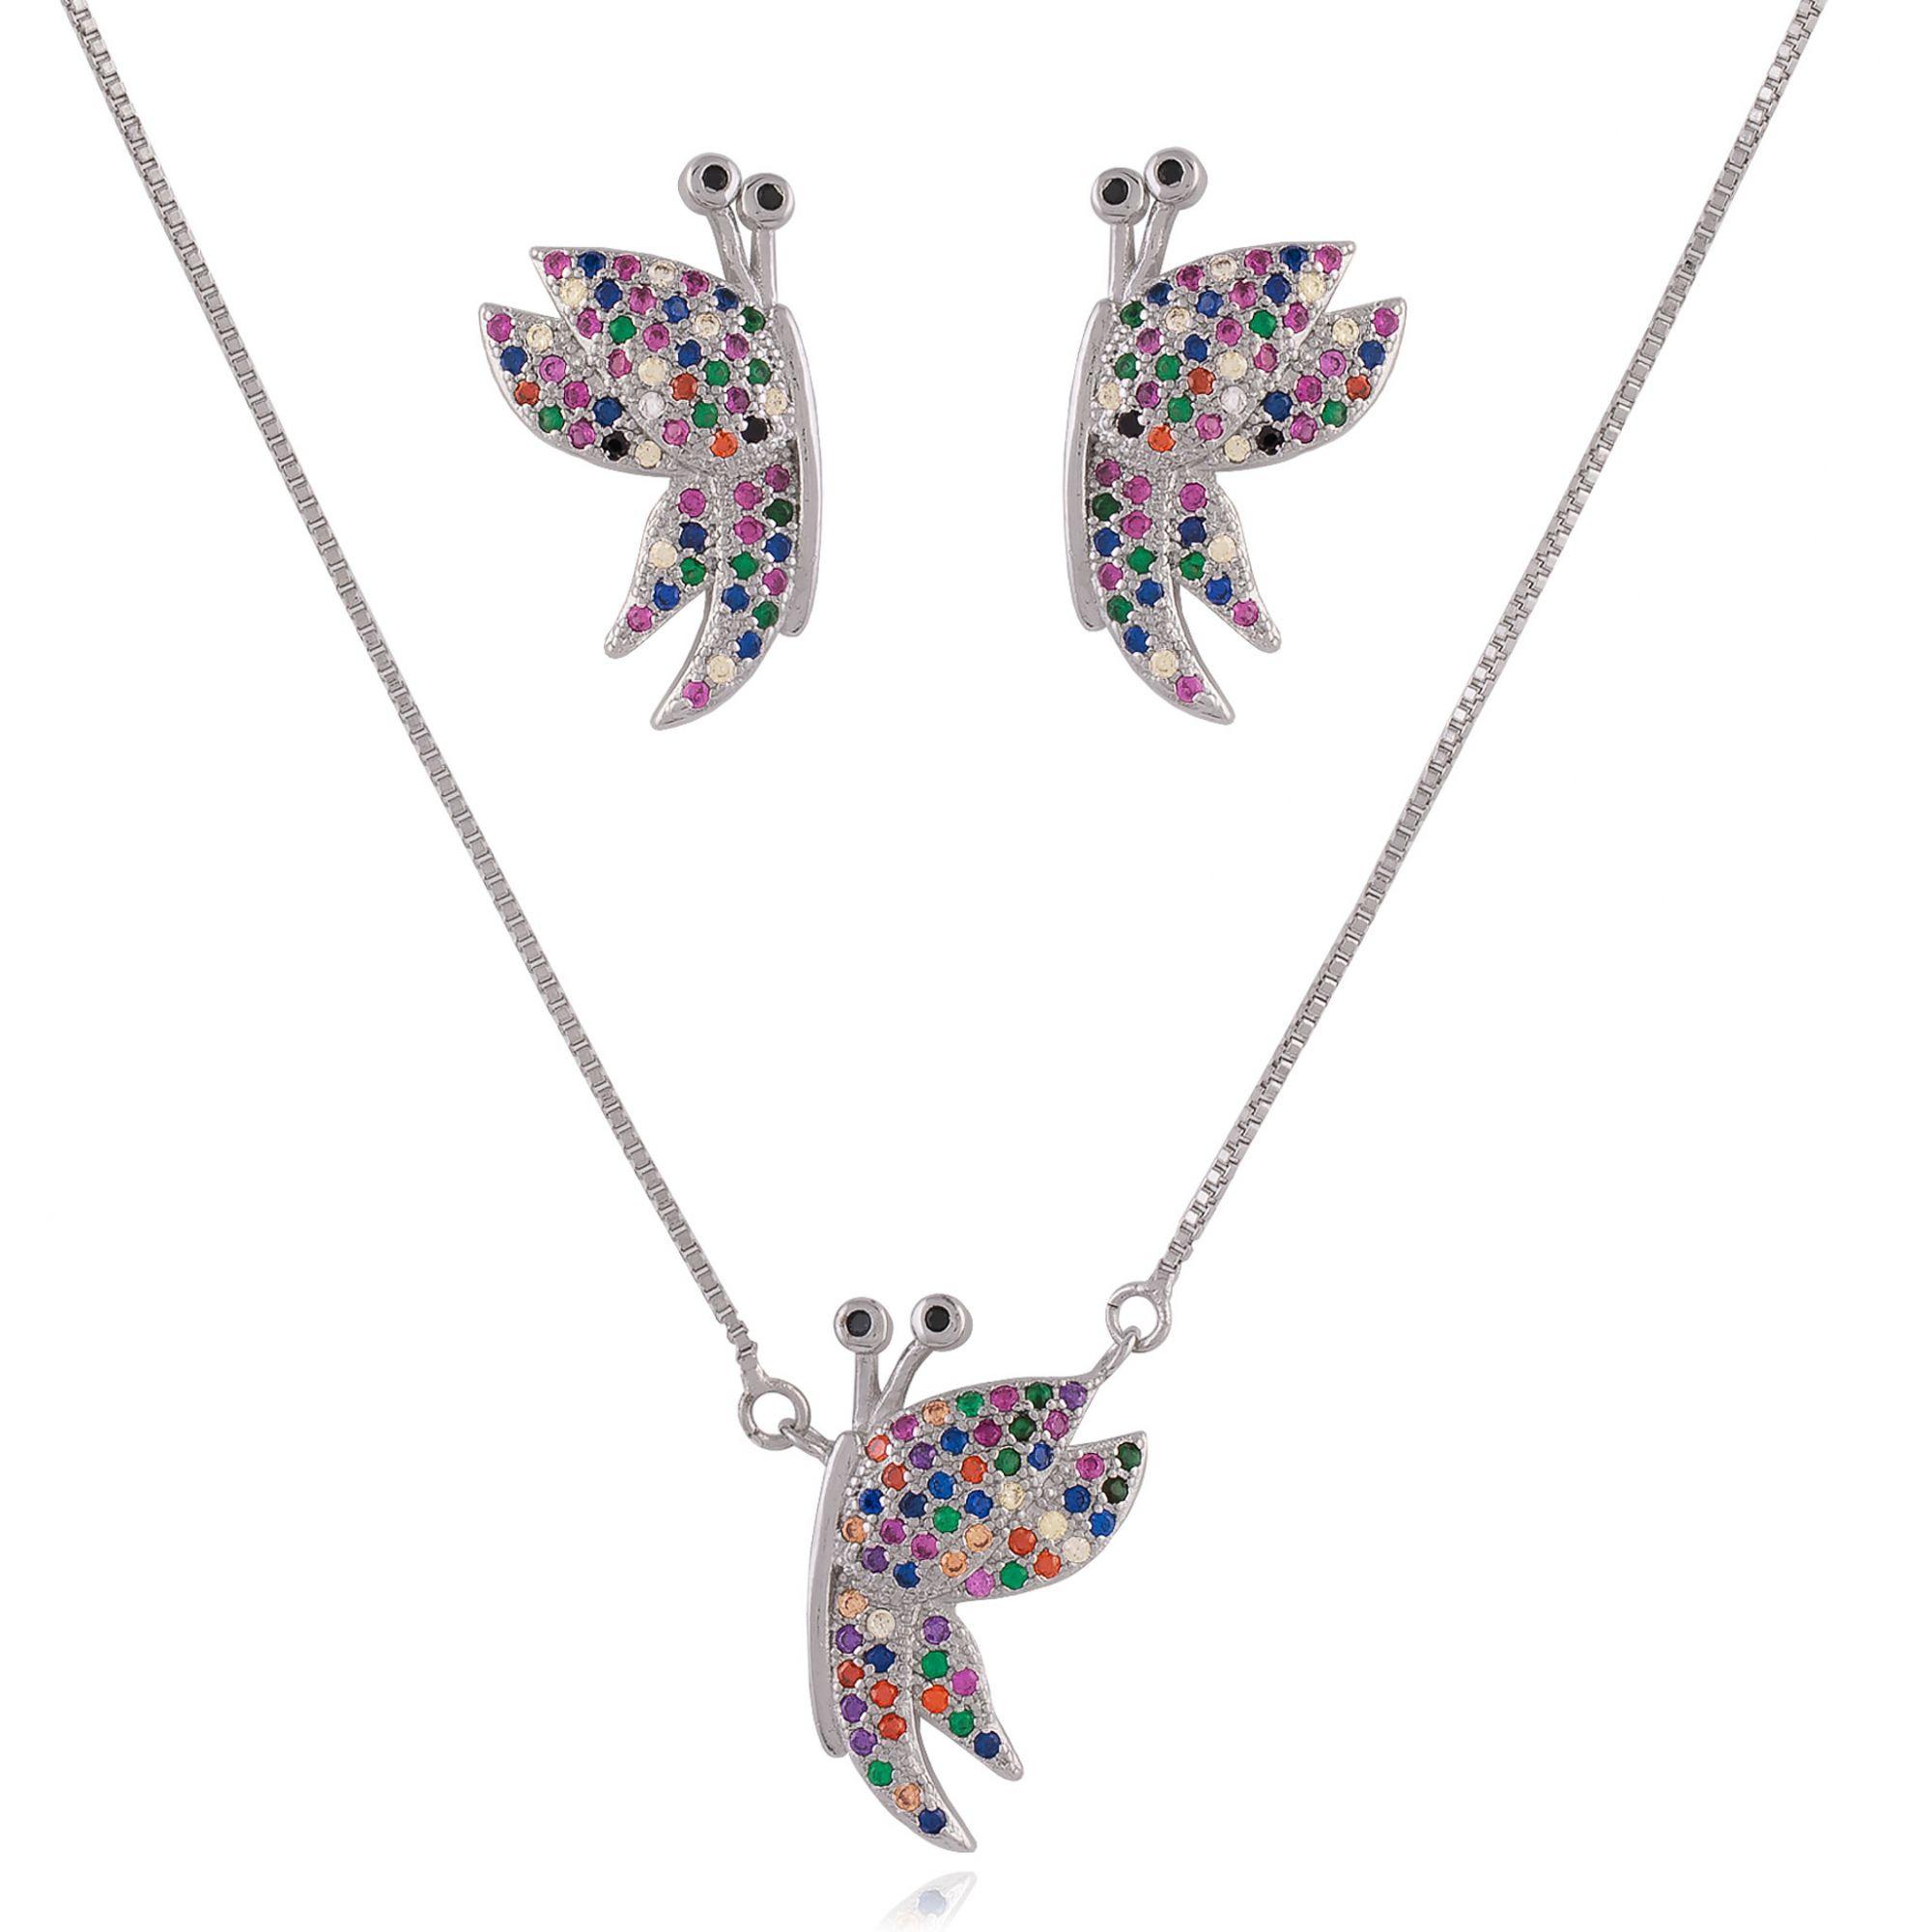 Conjunto de borboletas com micro zircônias coloridas no banho de ródio branco.  - bfdecor.com.br